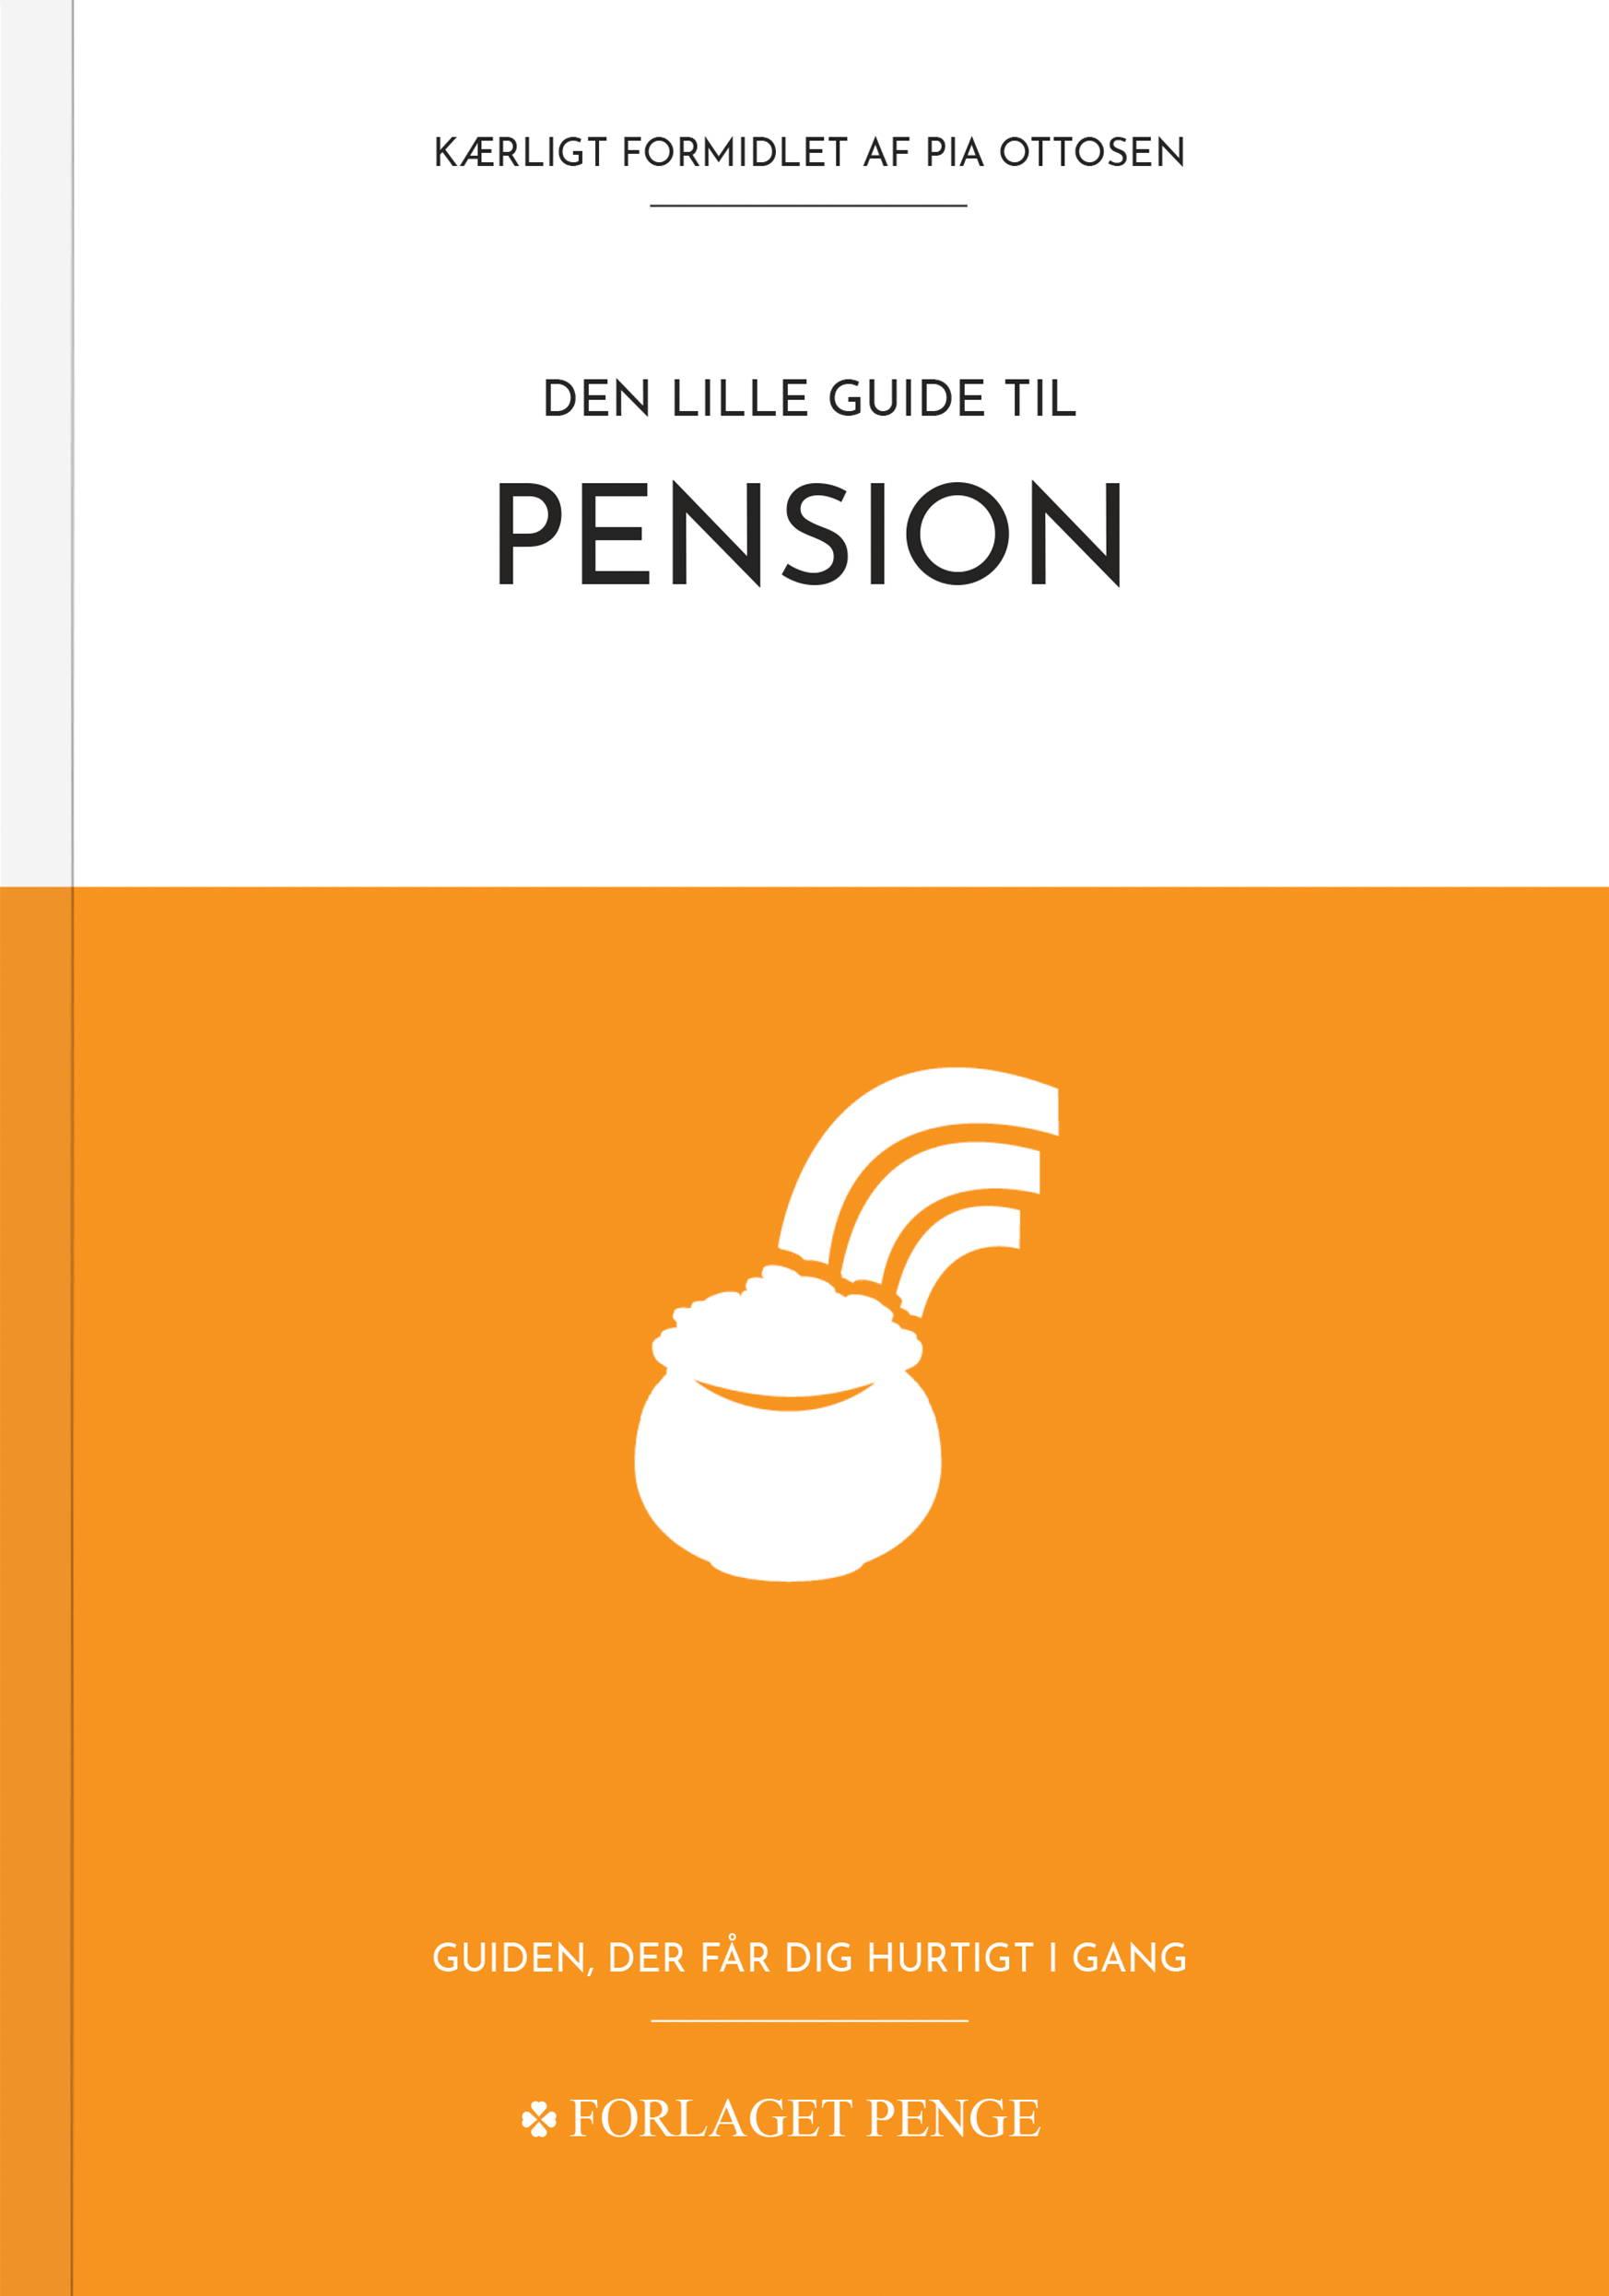 Den lille guide til Pension forside